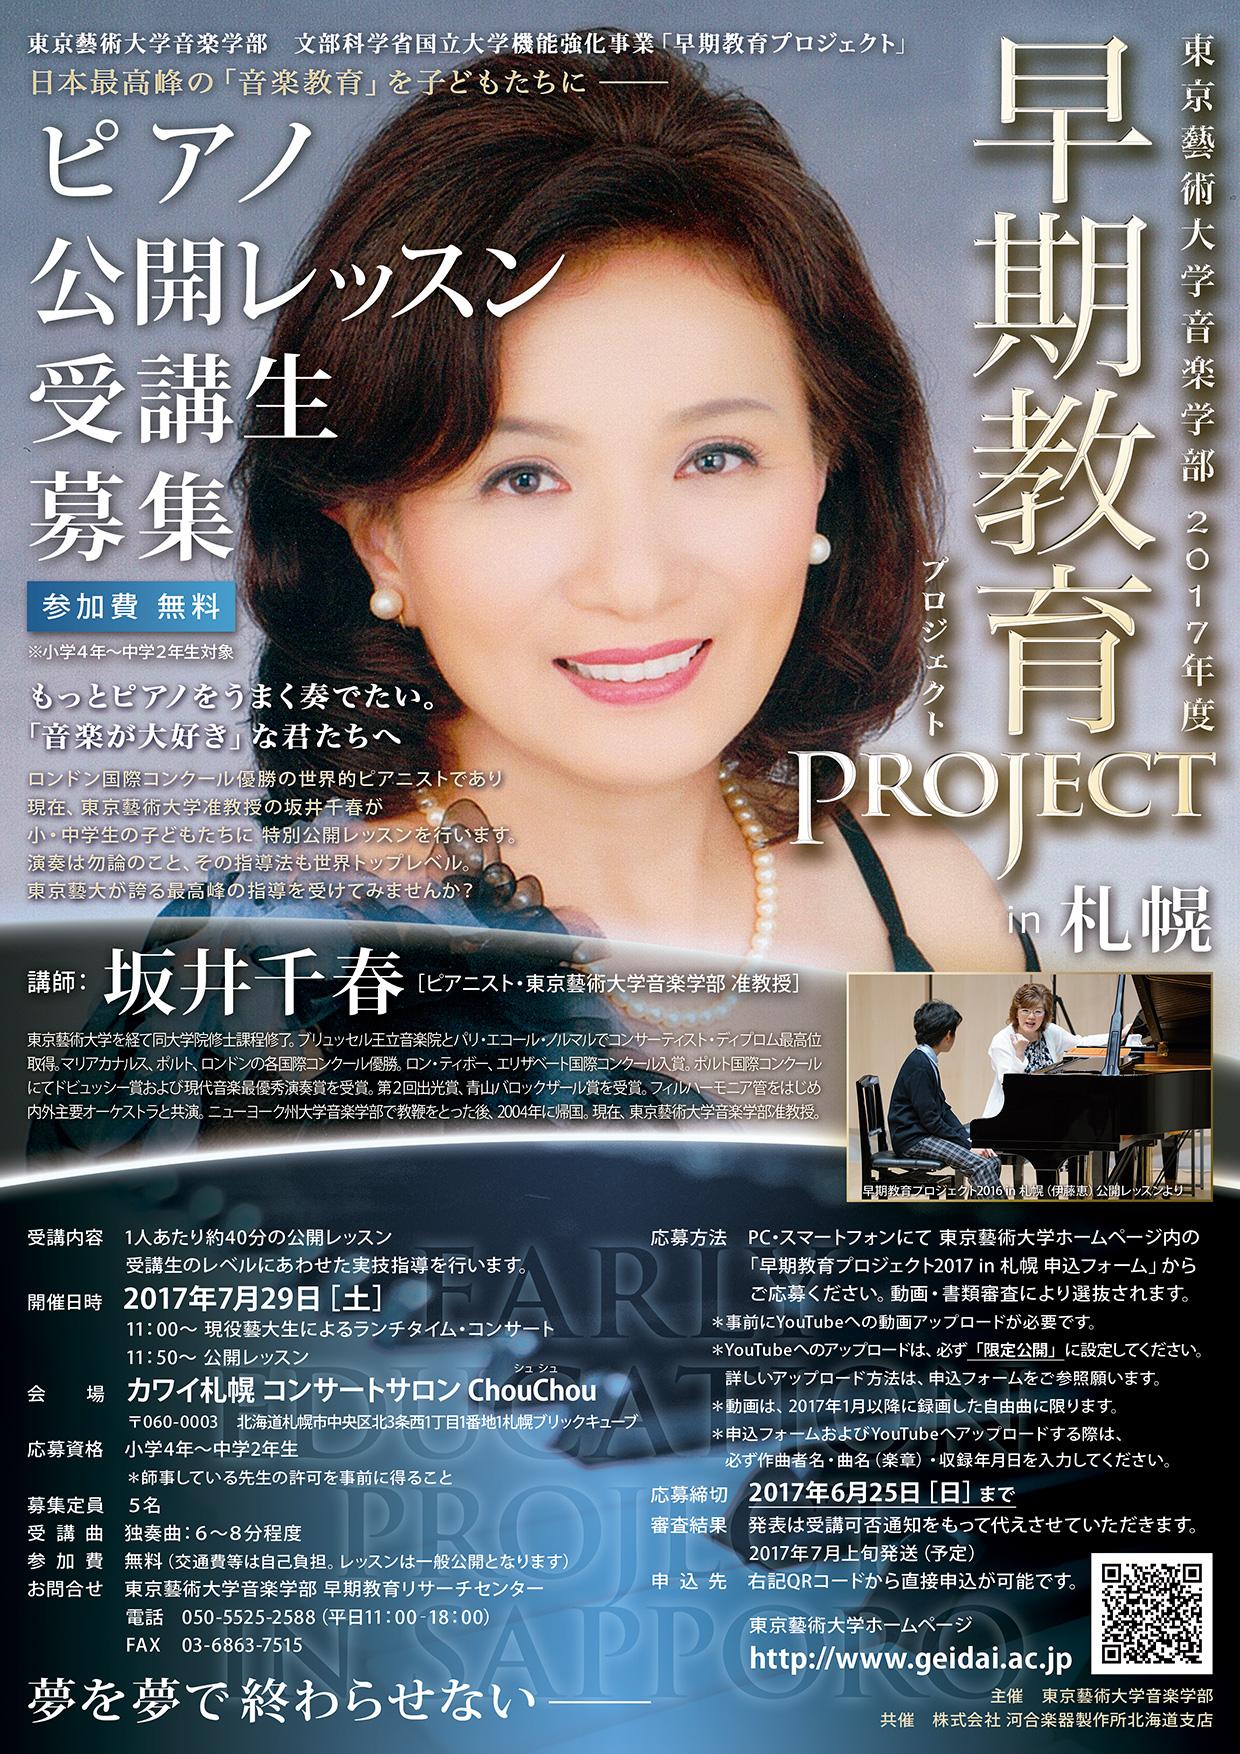 早期教育プロジェクト2017in東京